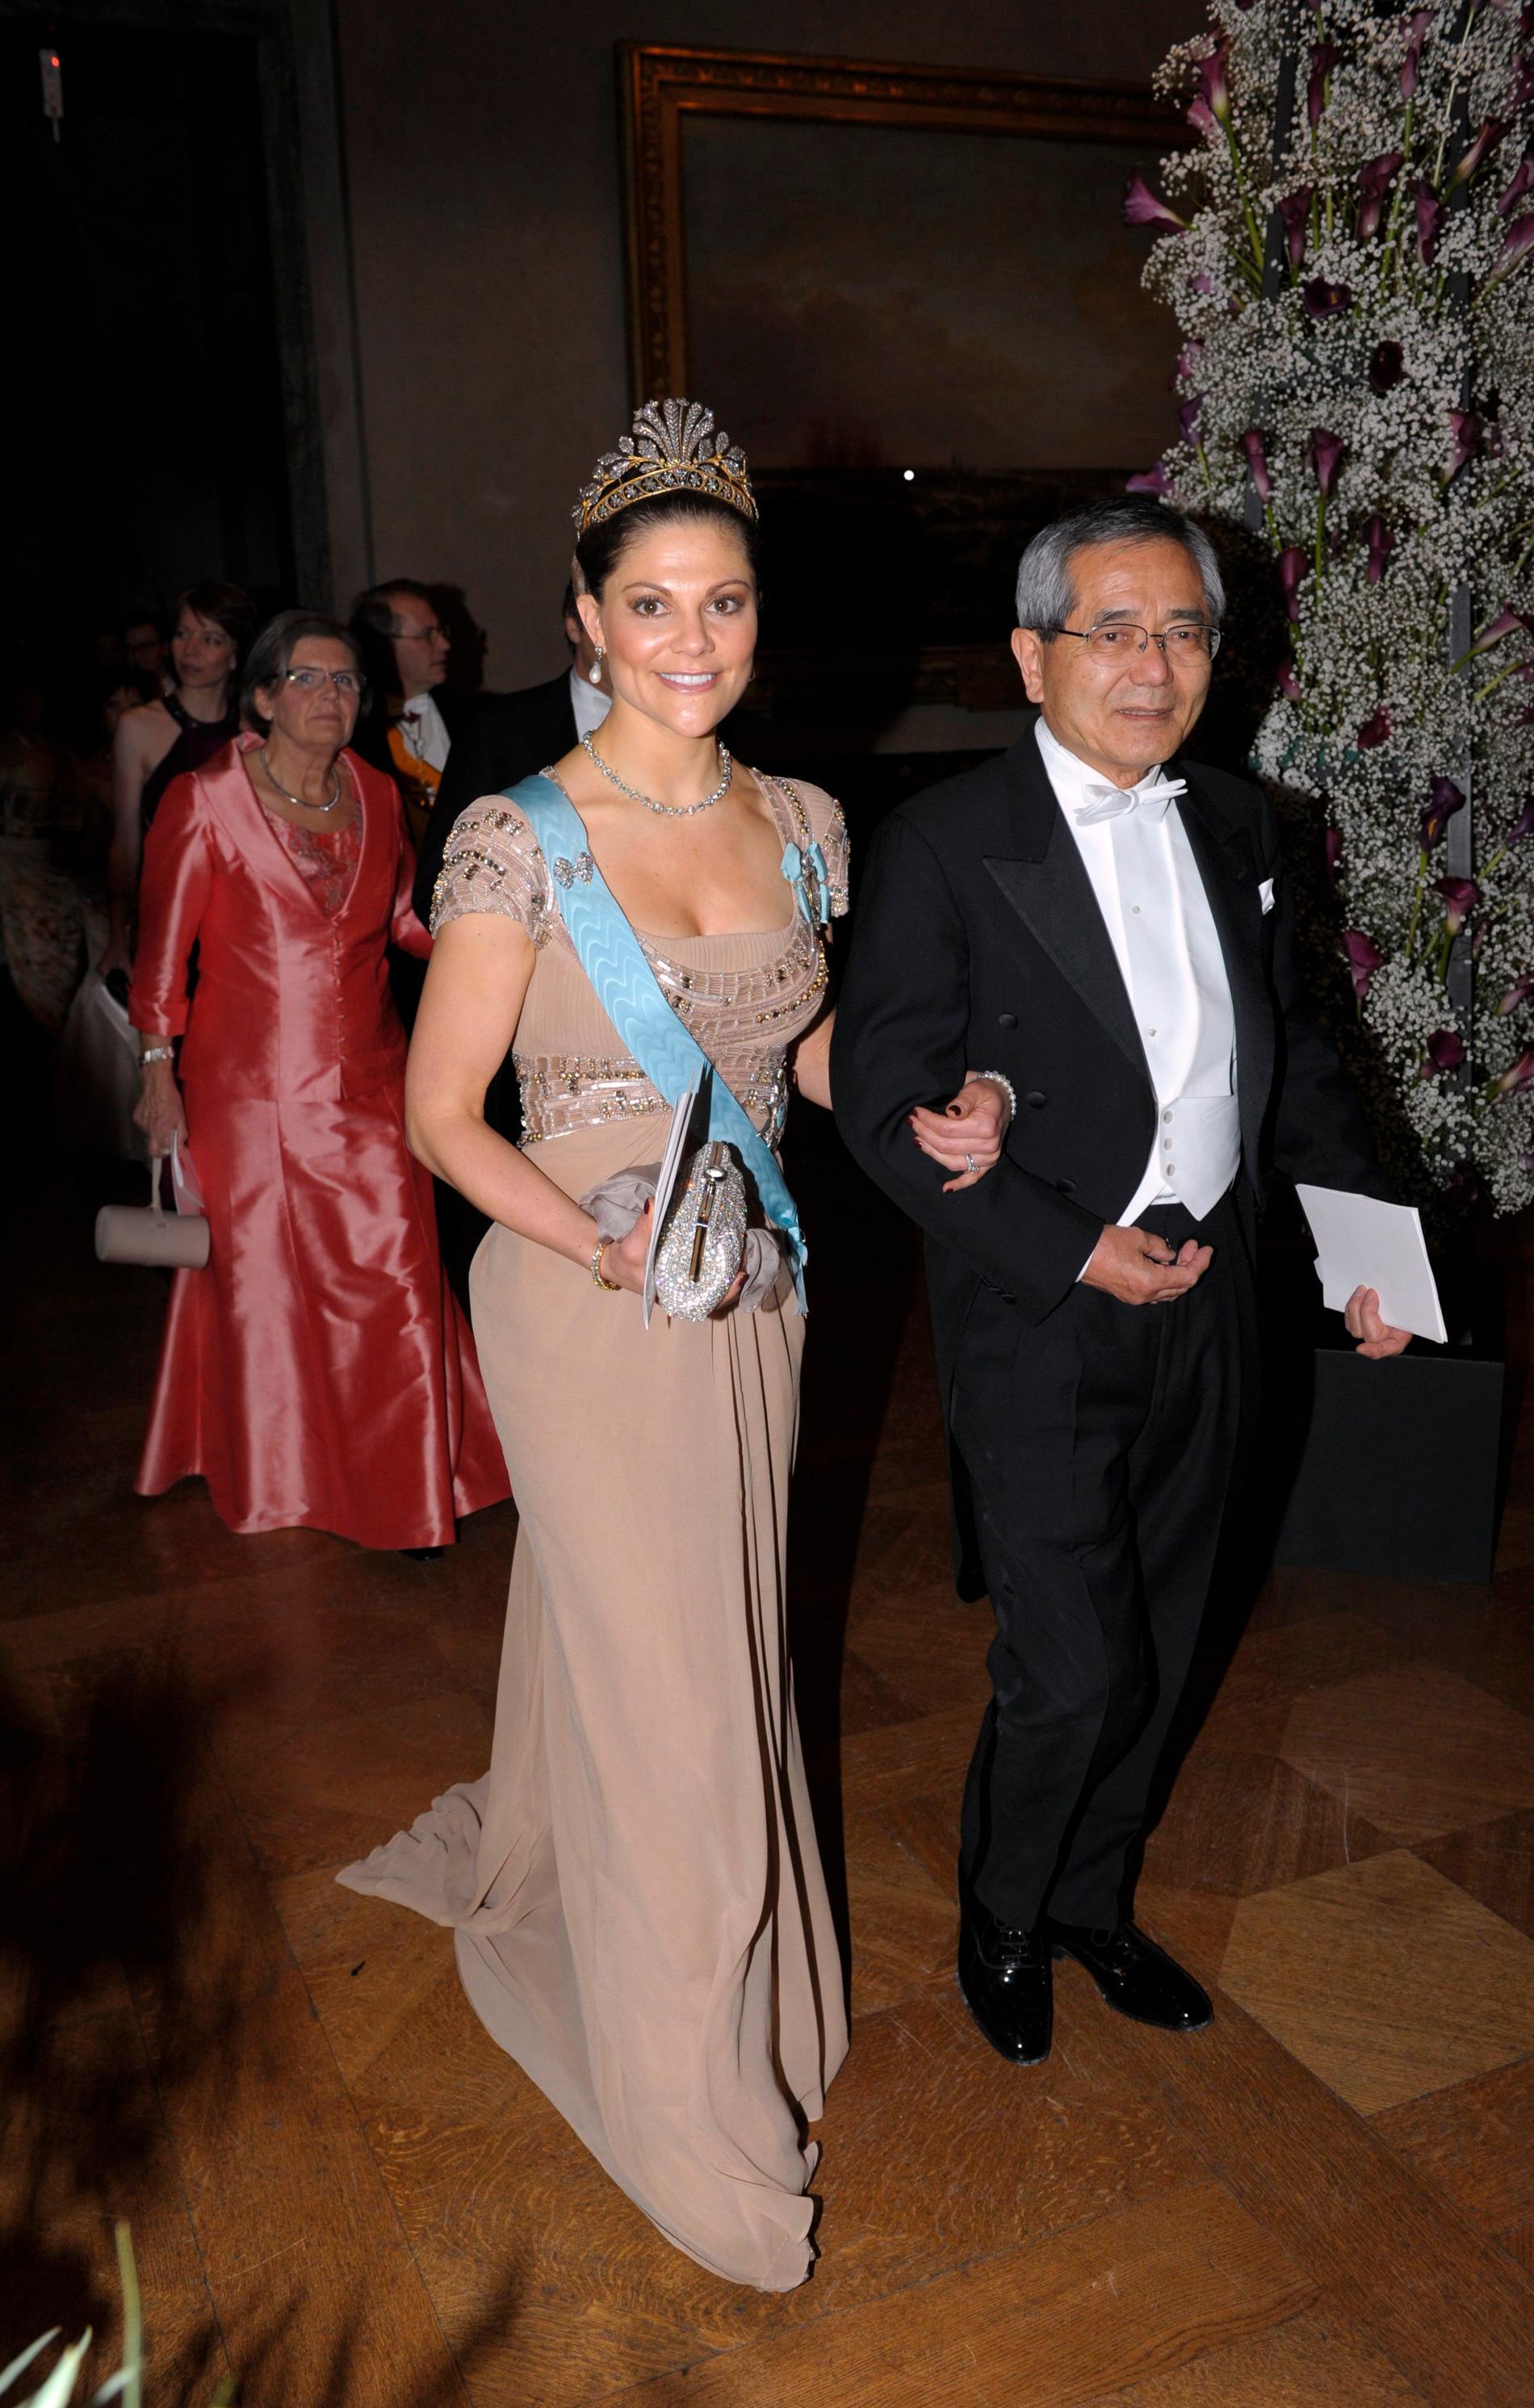 2010.Kronprinsessan valde åter haute couture och en fantastisk klänning från libanesiske Elie Saab med skimrande applikationer. I håret satt det så kallade ståldiademet.